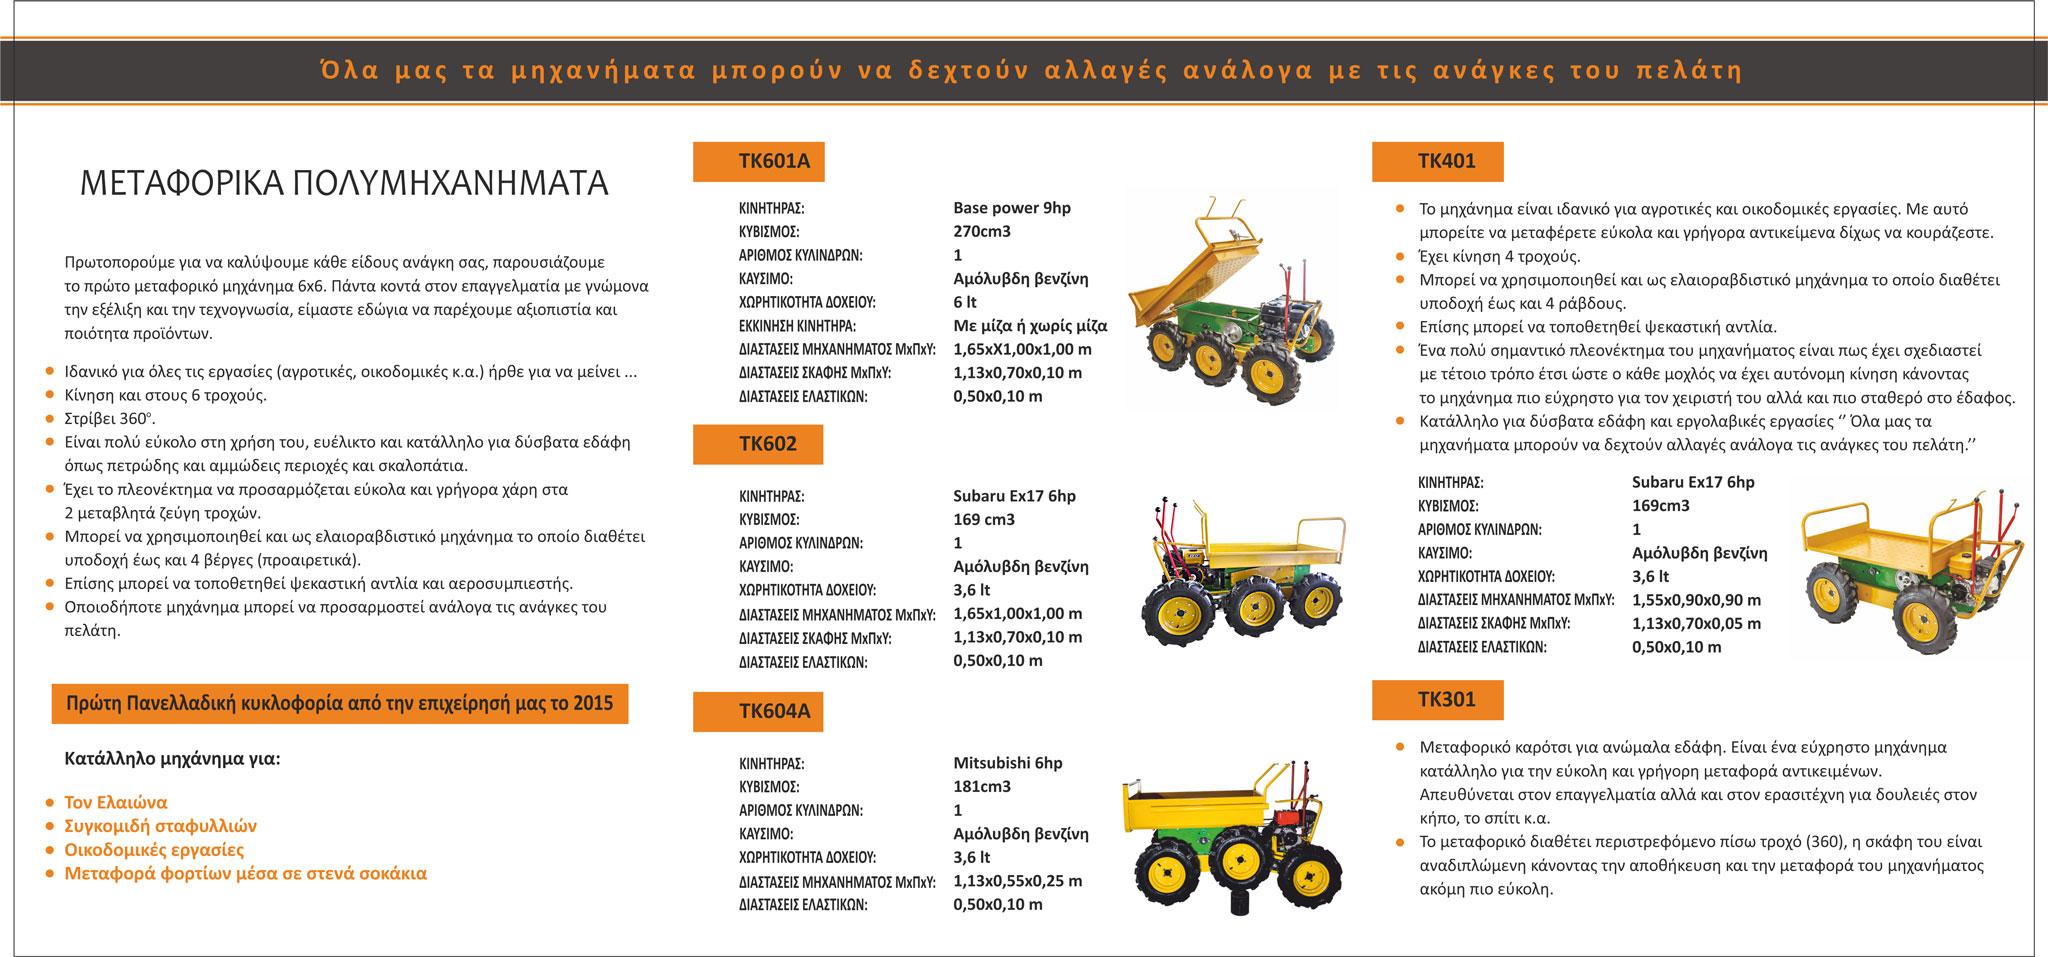 Μεταφορικά Μηχανήματα Φυλλάδιο - Ταμπακάκης